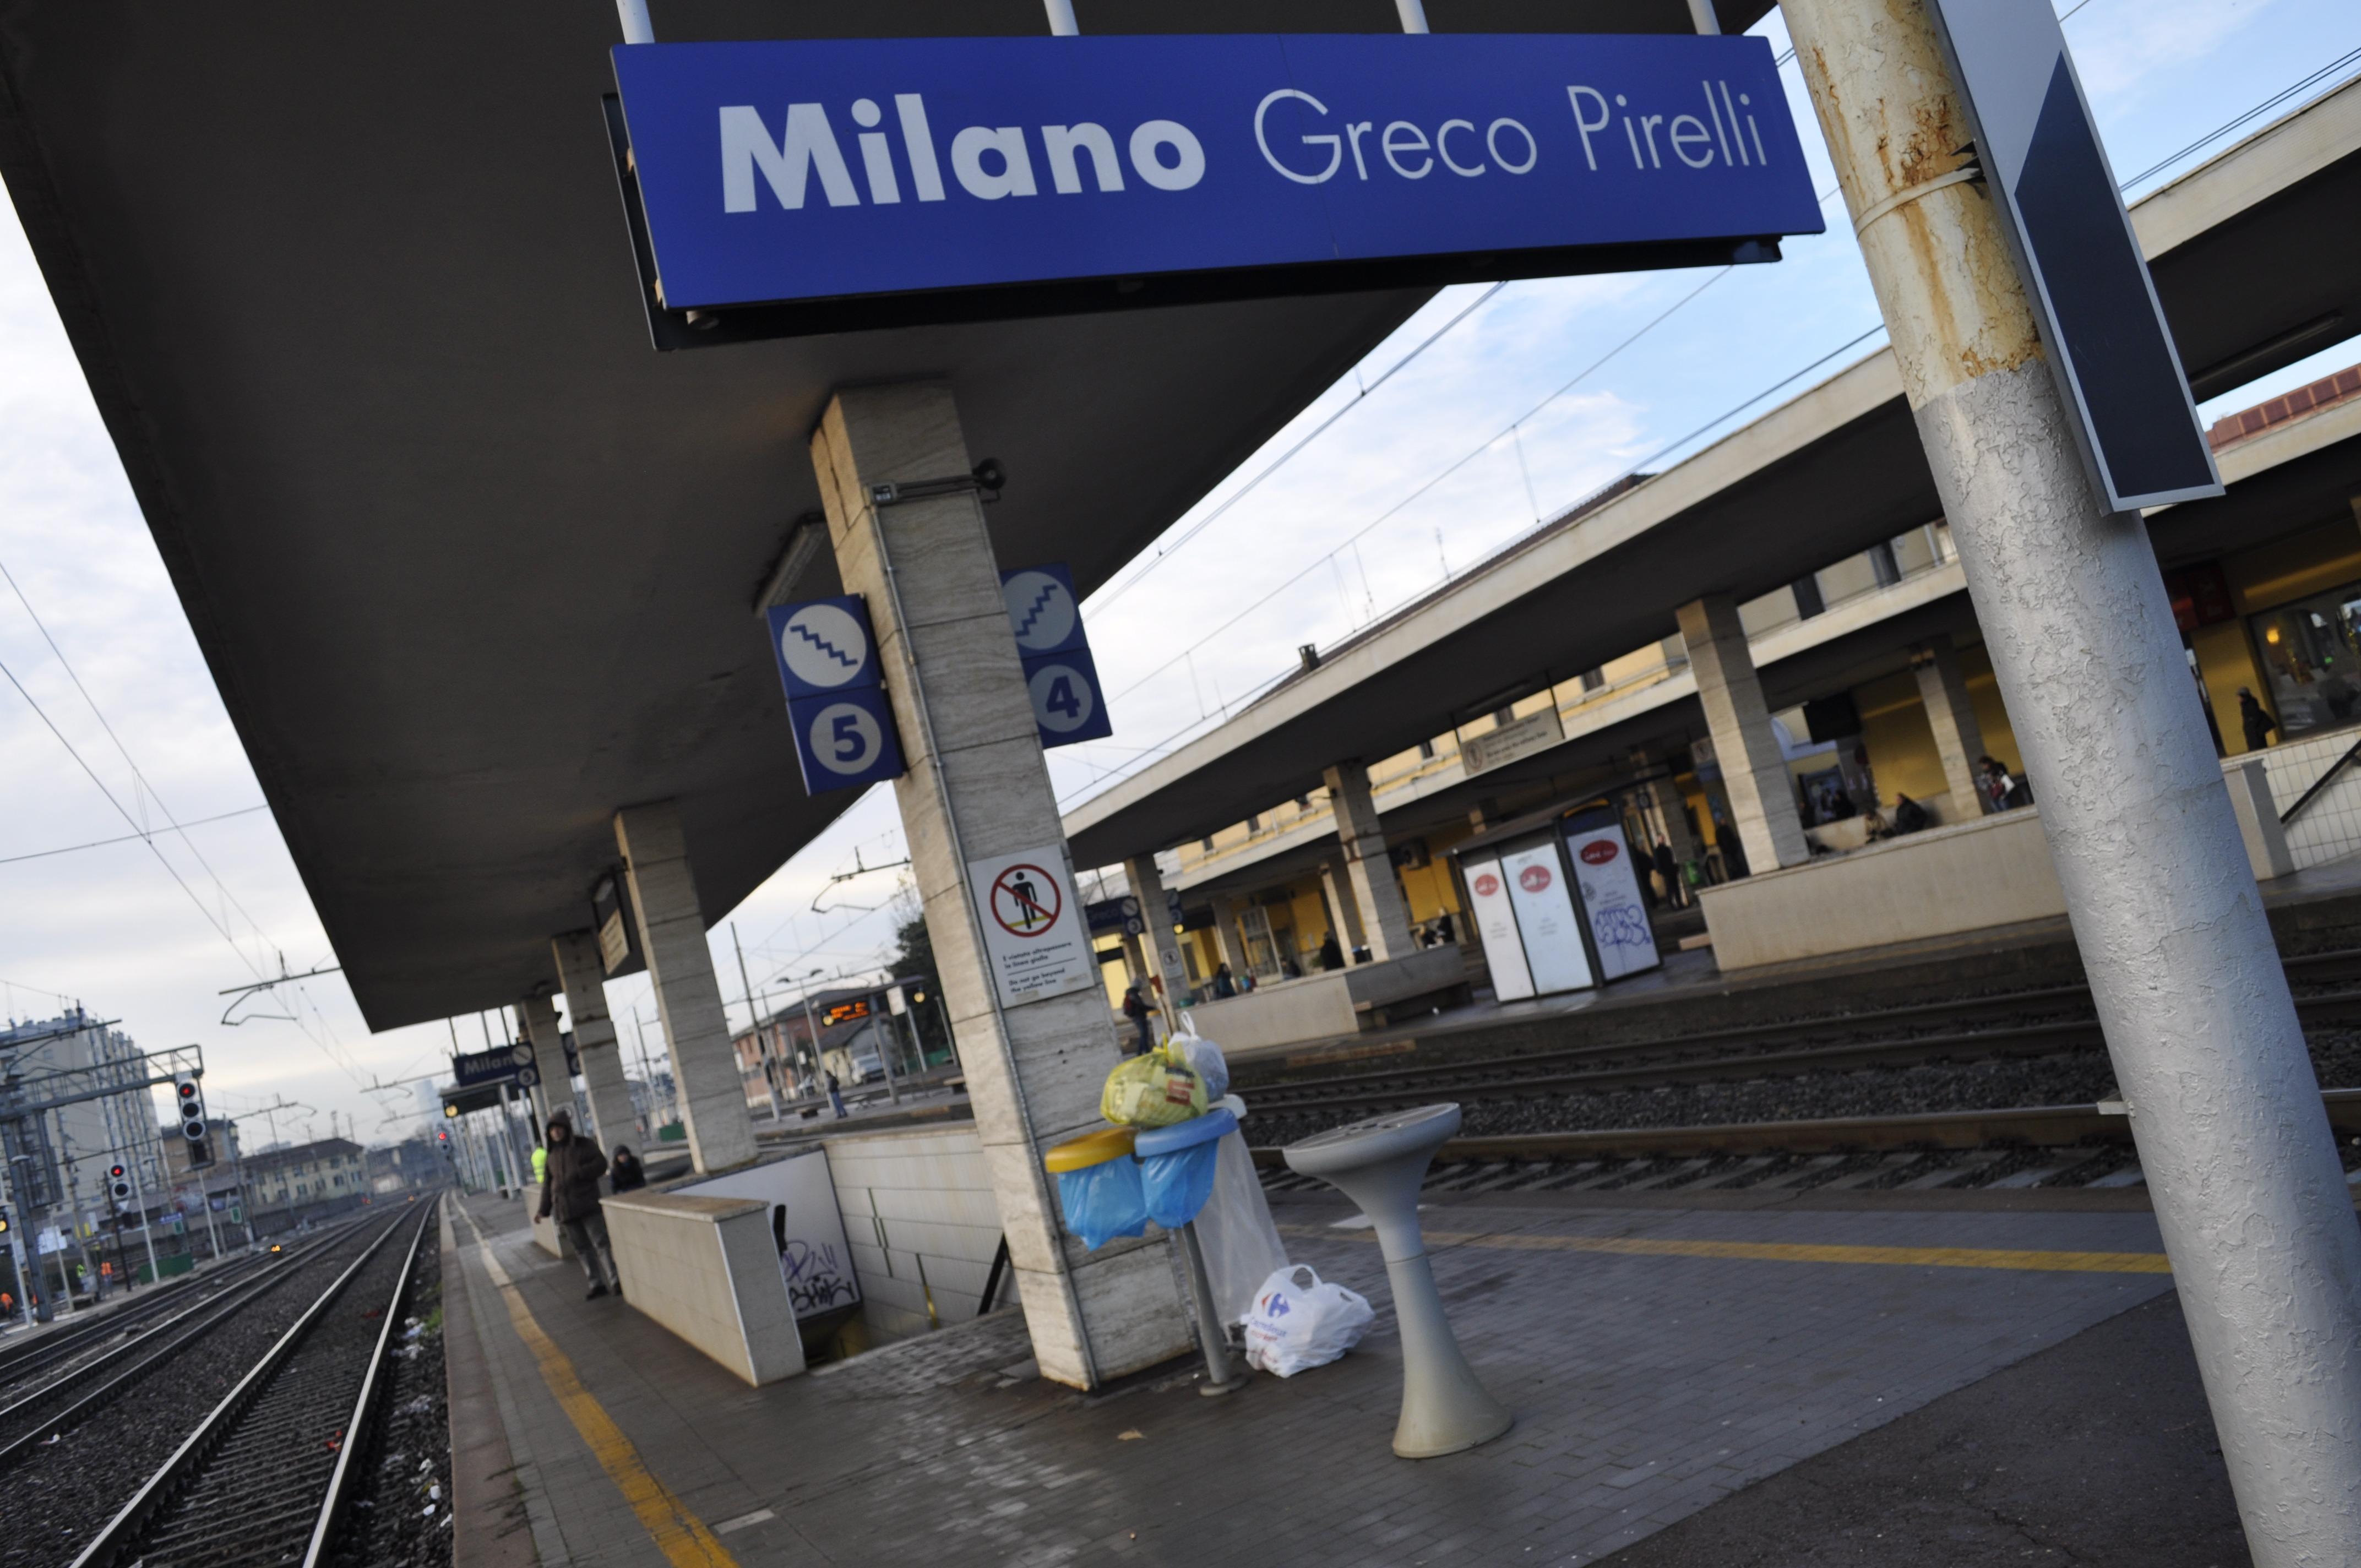 Writer investito alla stazione Greco-Pirelli di Milano